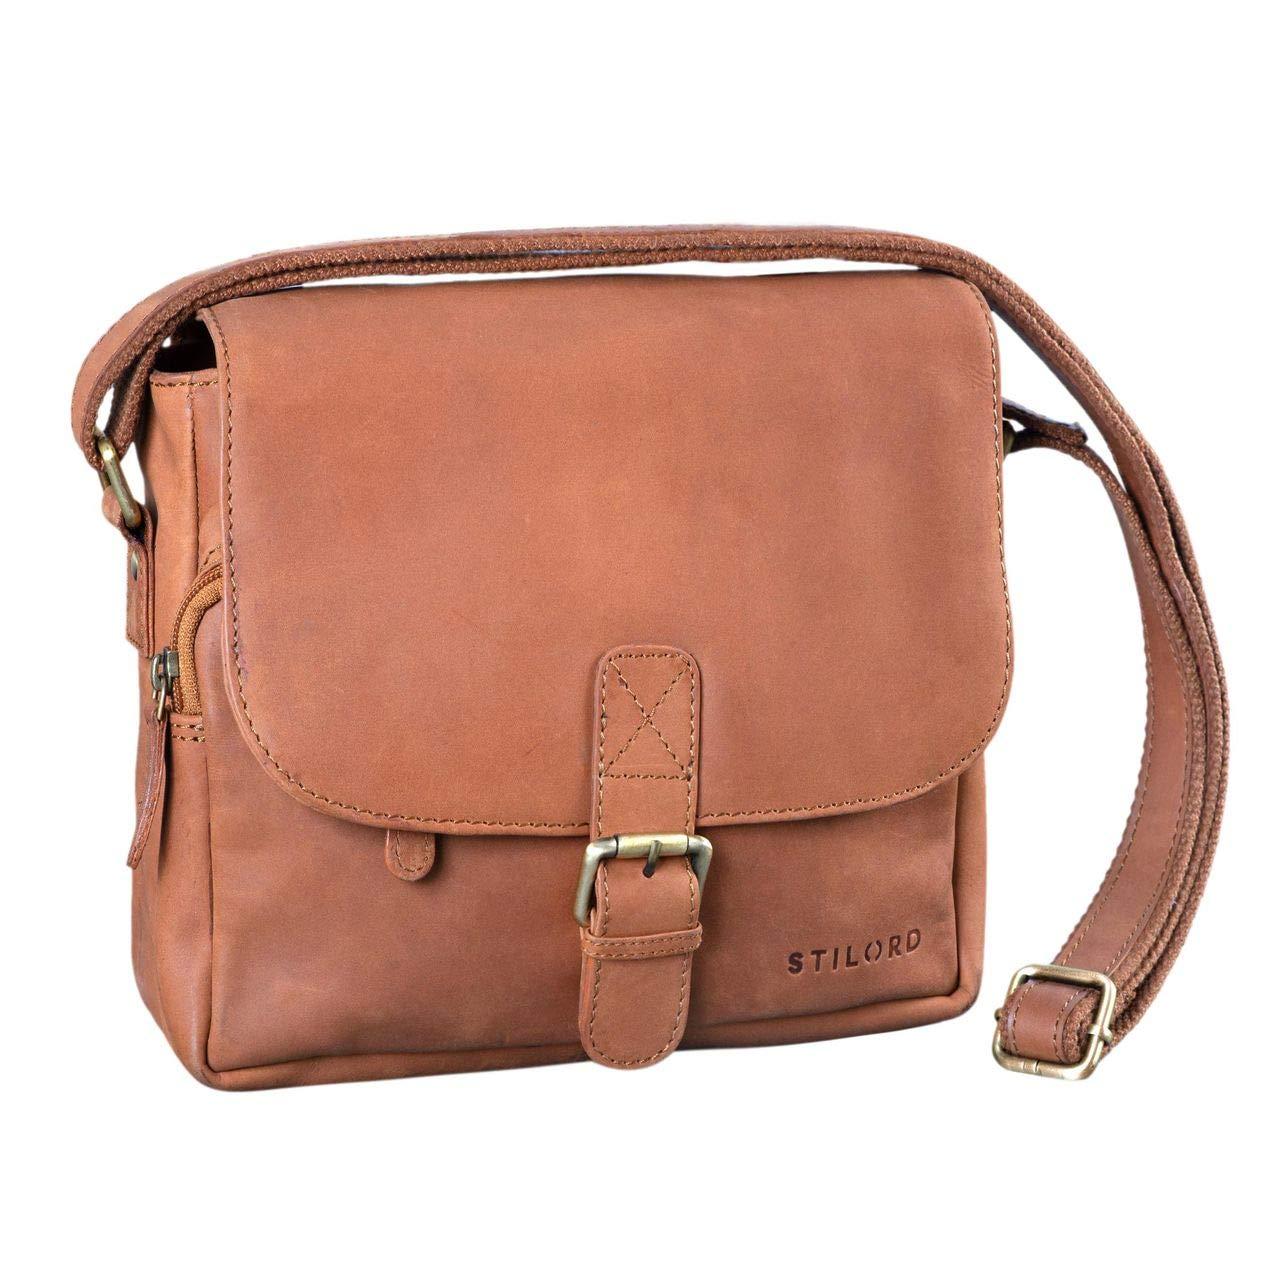 b59393ef0fa0d STILORD  Lucian  Vintage Umhängetasche Leder klein für Herren und Damen  braune Schultertasche für 10.1 Zoll Tablet iPad DIN A5 Handtasche aus  echtem Leder